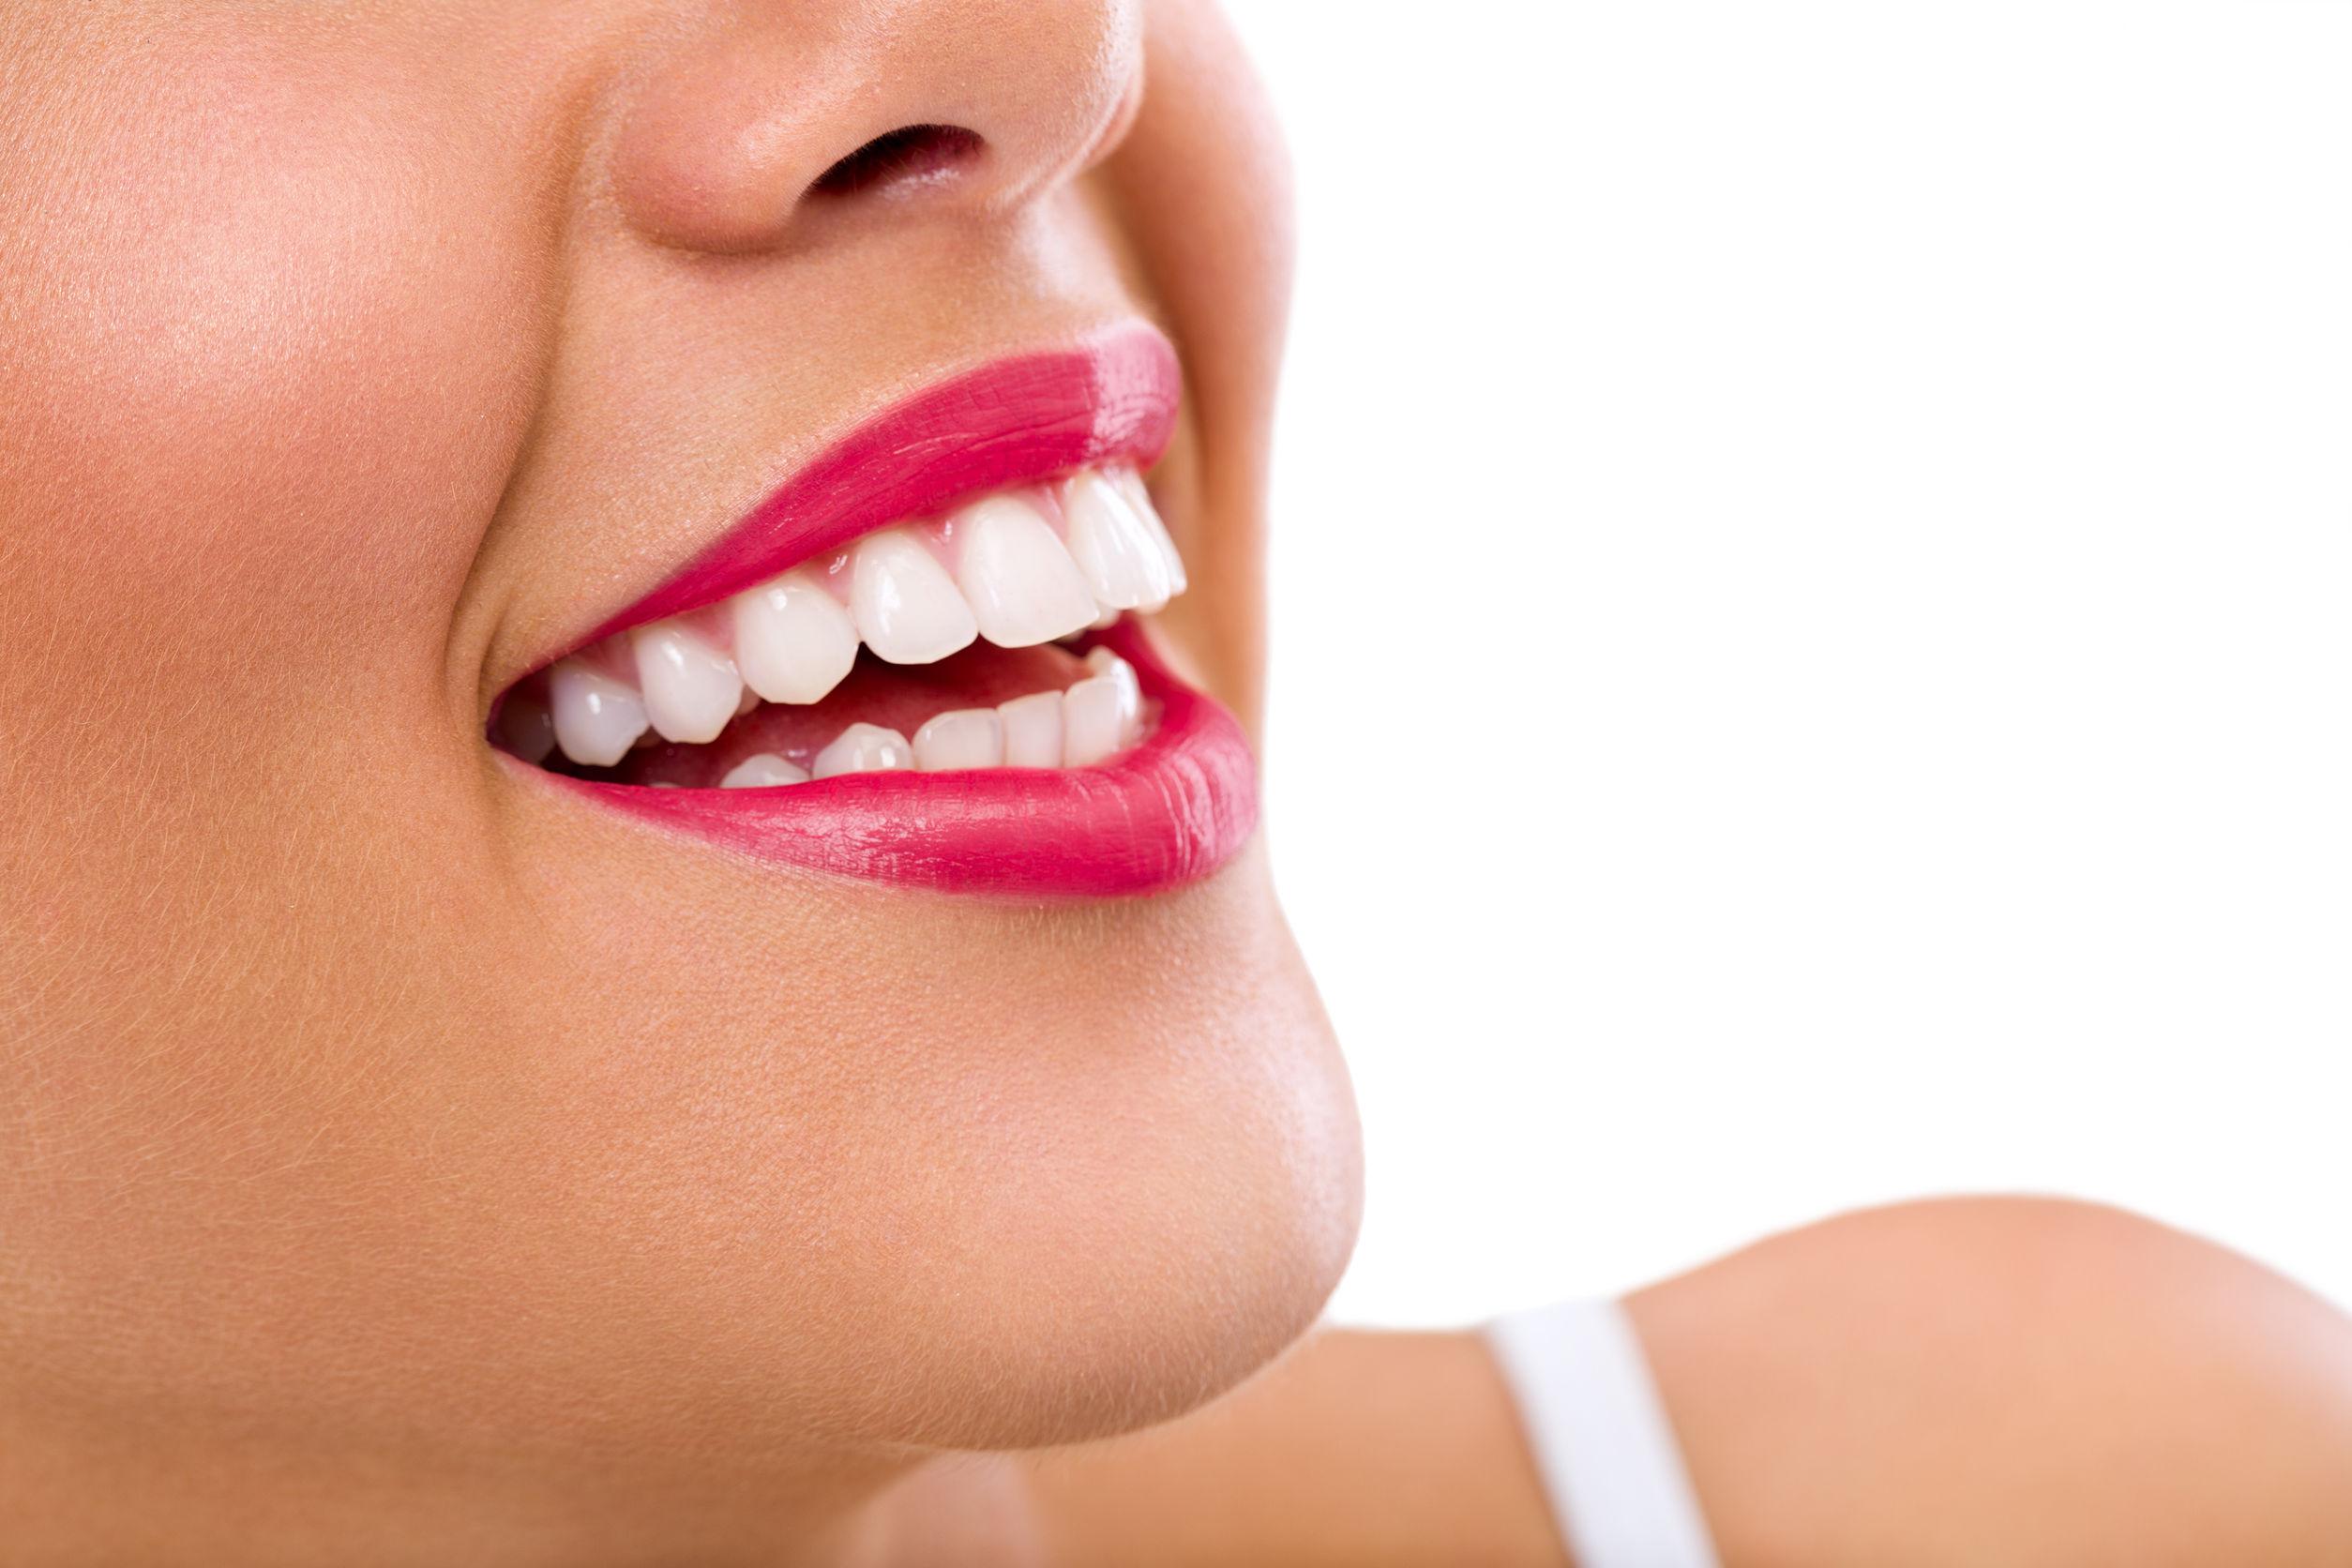 Estética dental Elche - Gustavo Garcia del Rio